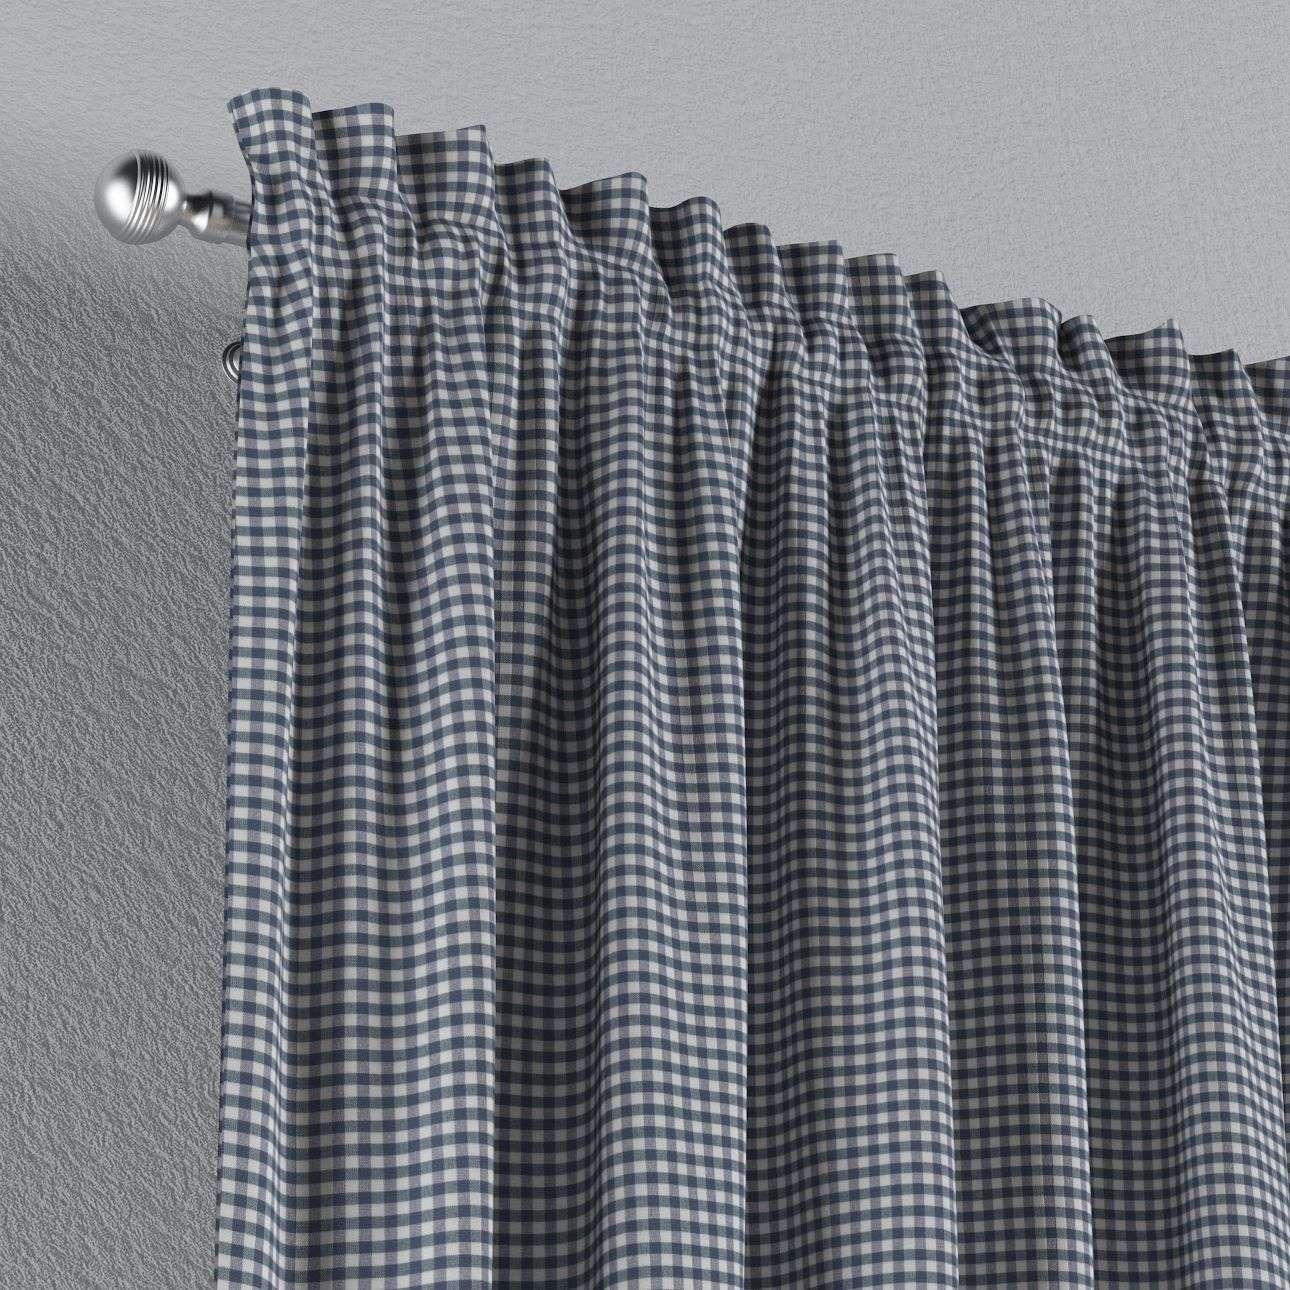 Zasłona na kanale z grzywką 1 szt. w kolekcji Quadro, tkanina: 136-00